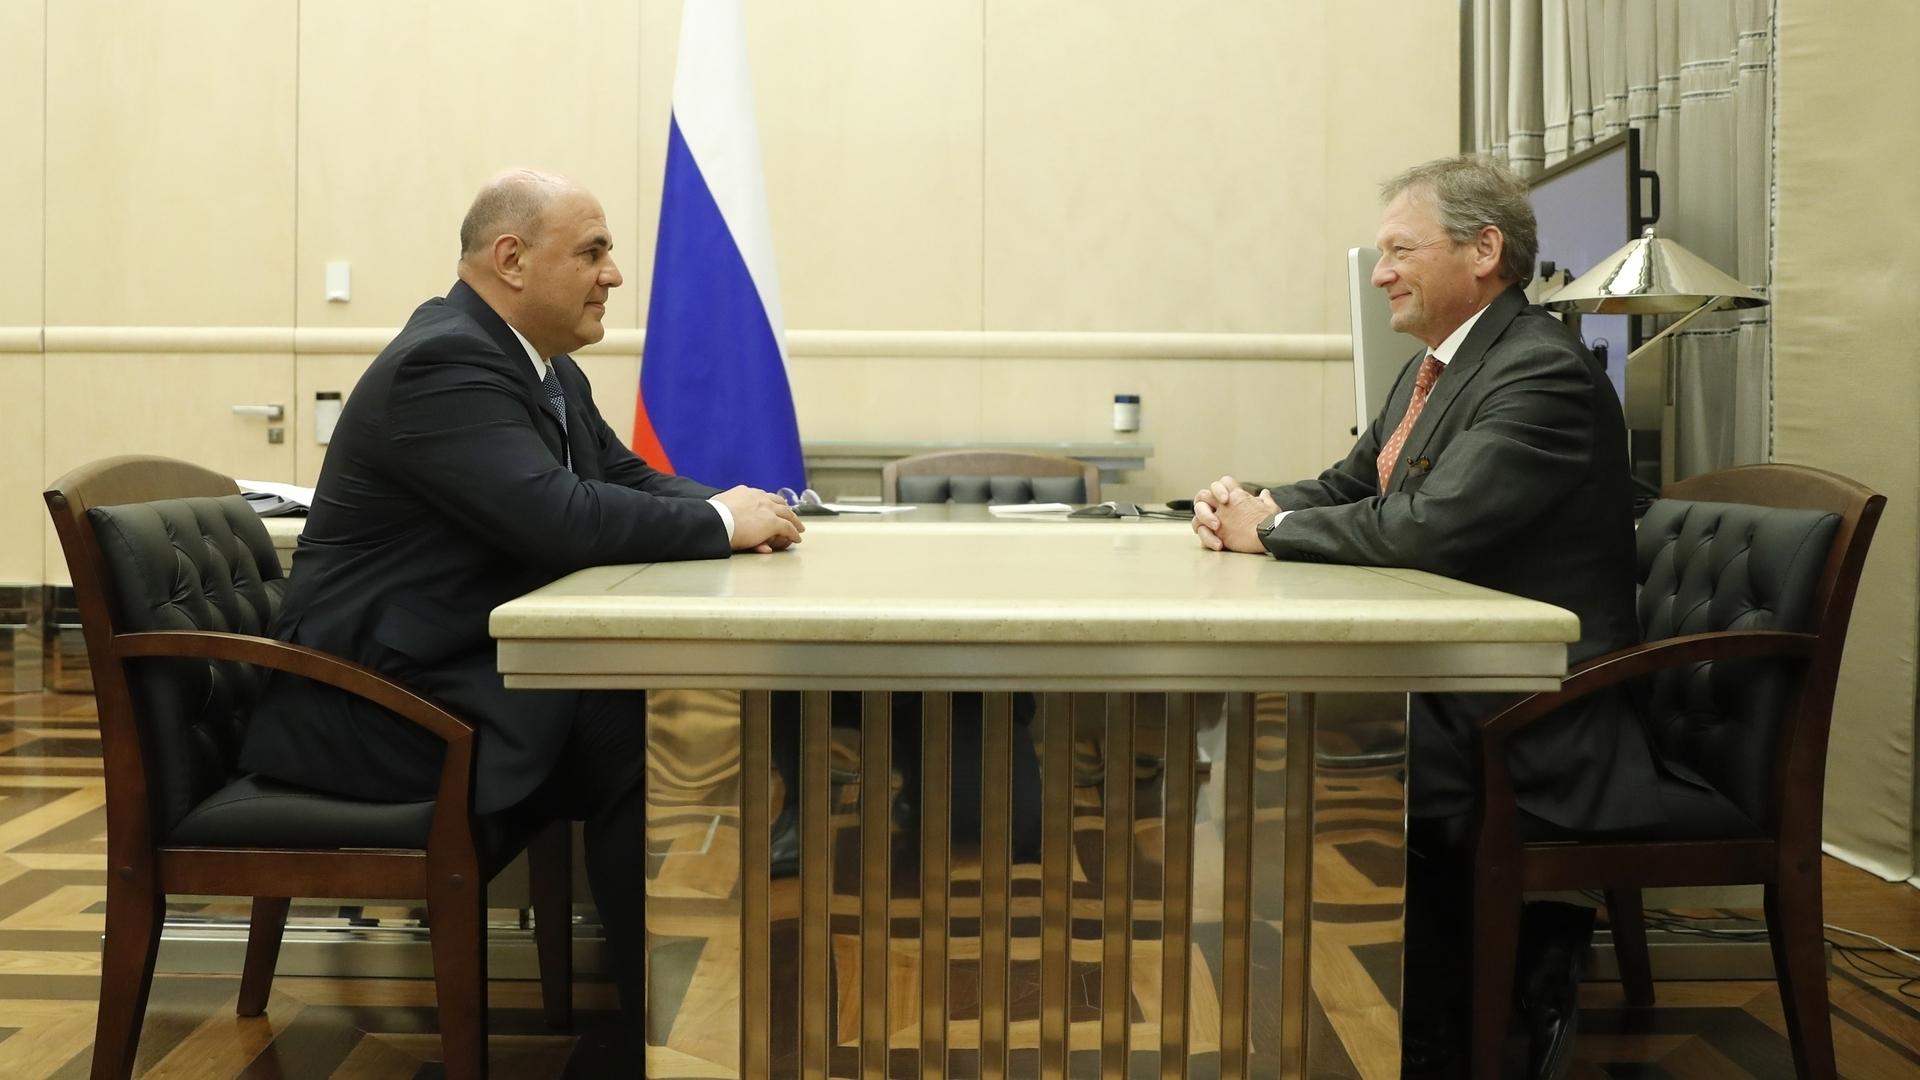 Михаил Мишустин и Борис Титов обсудили поддержку бизнеса и улучшение делового климата